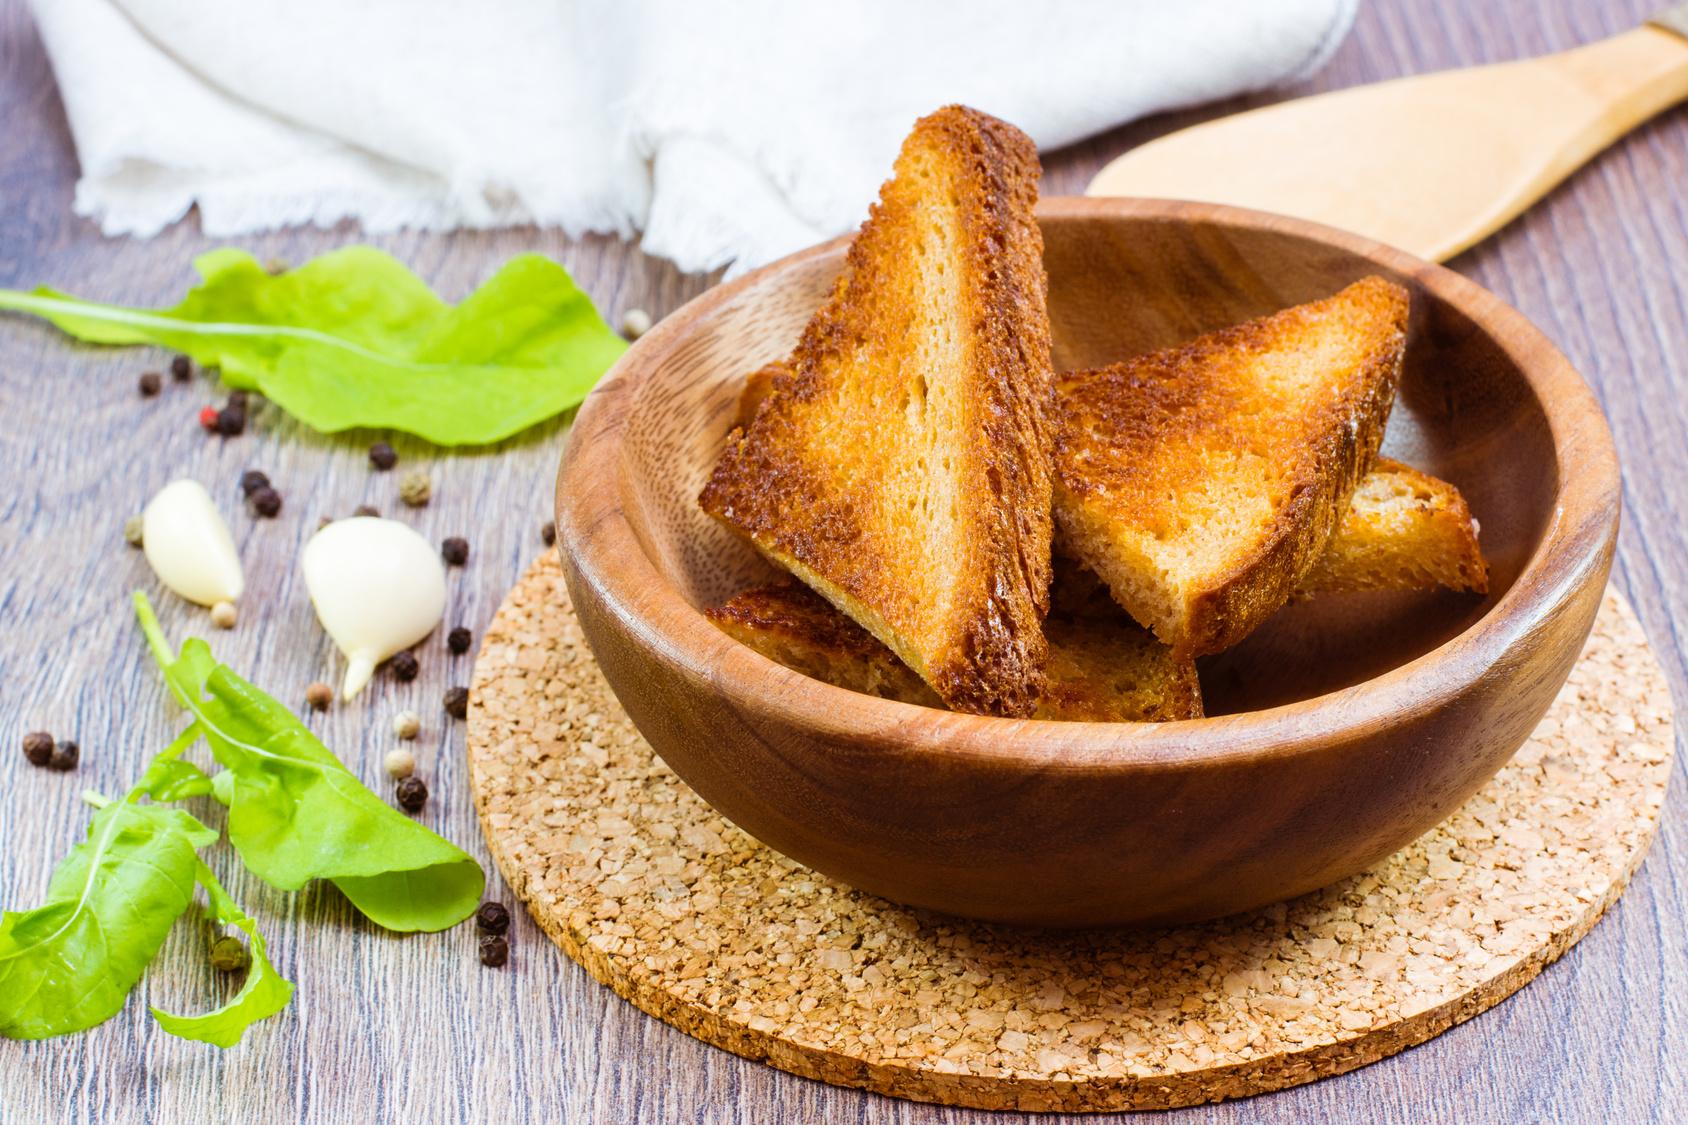 pane doratura acrilammide forno